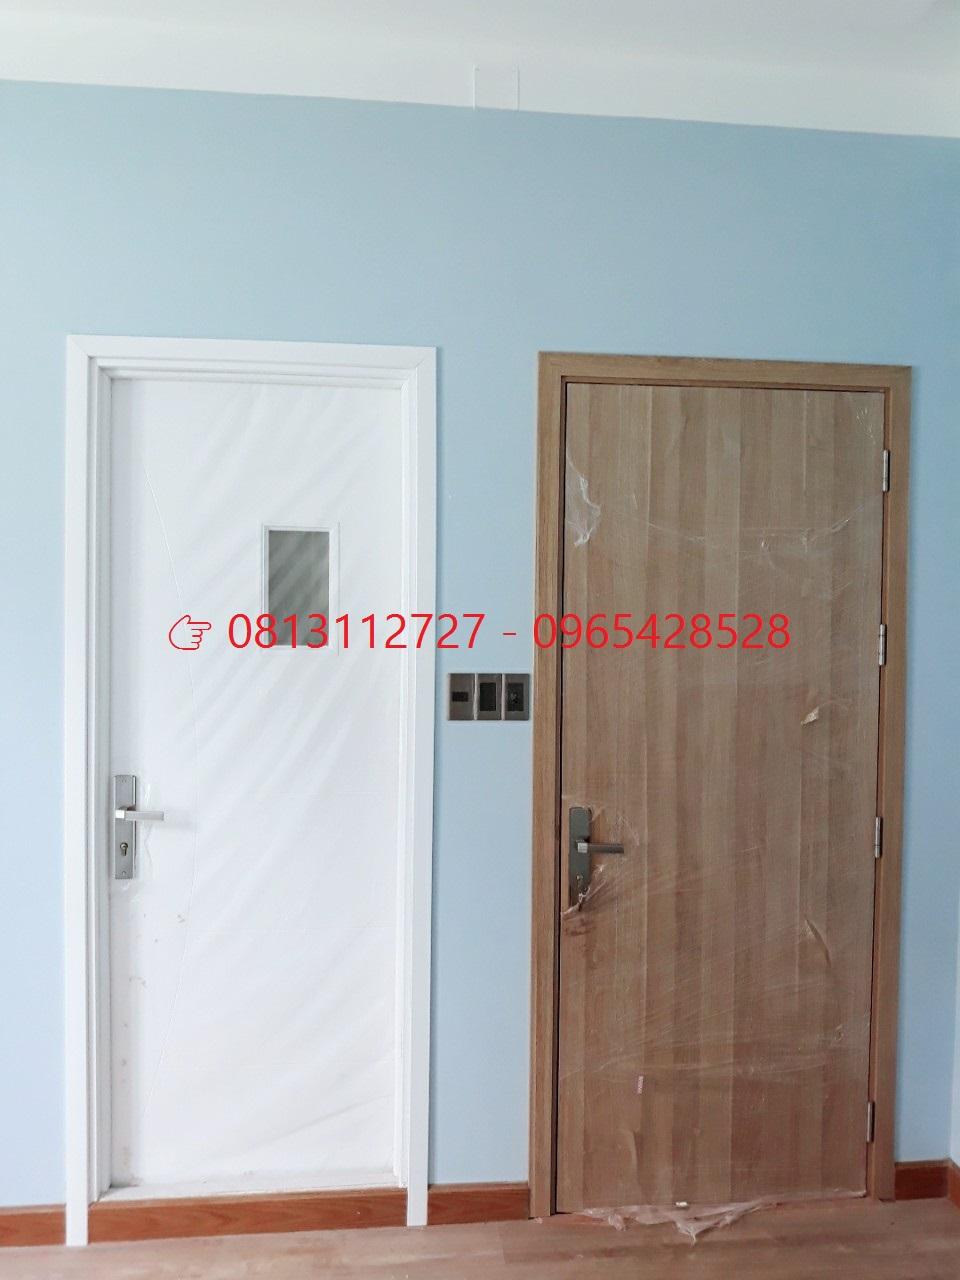 Cửa gỗ công nghiệp tại Đà Lạt